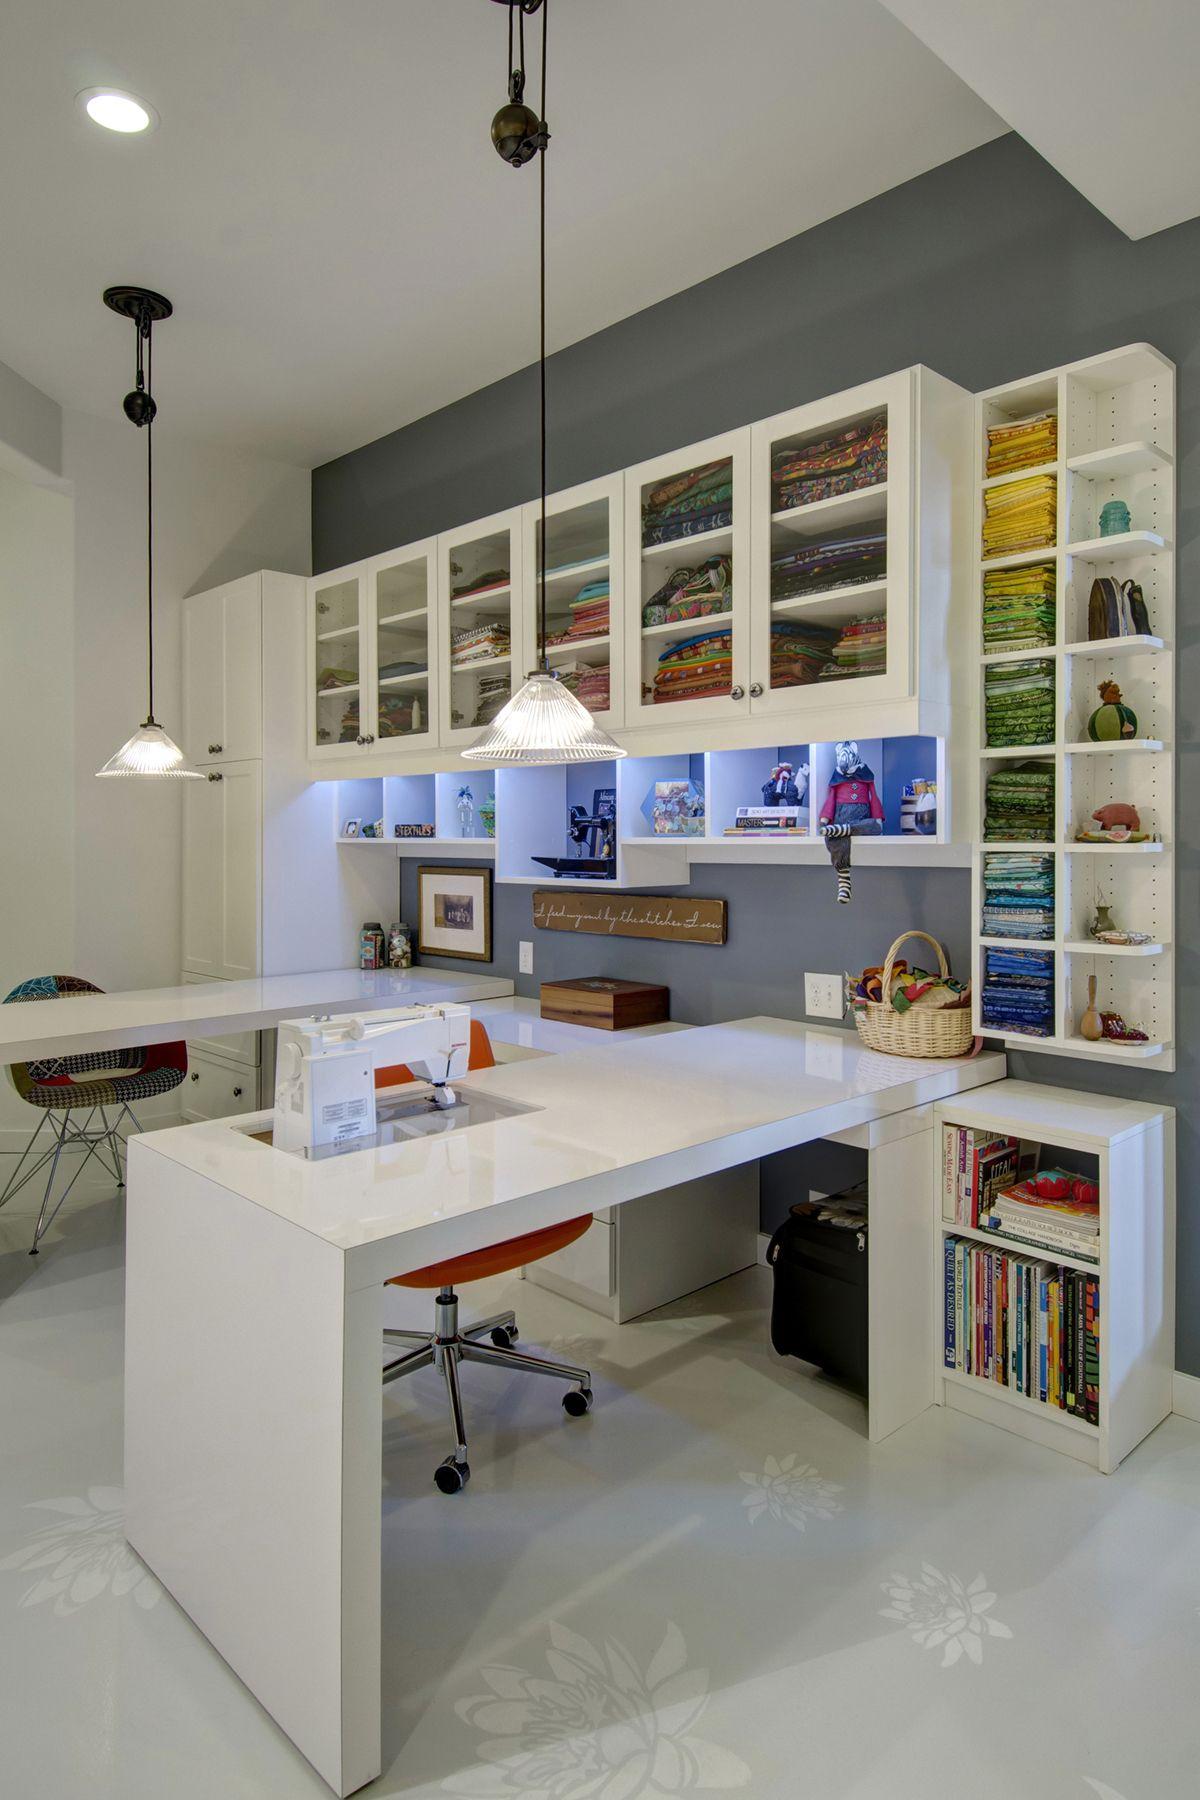 salle de couture et bureau atelier couture pinterest salles de couture bureau et salle. Black Bedroom Furniture Sets. Home Design Ideas